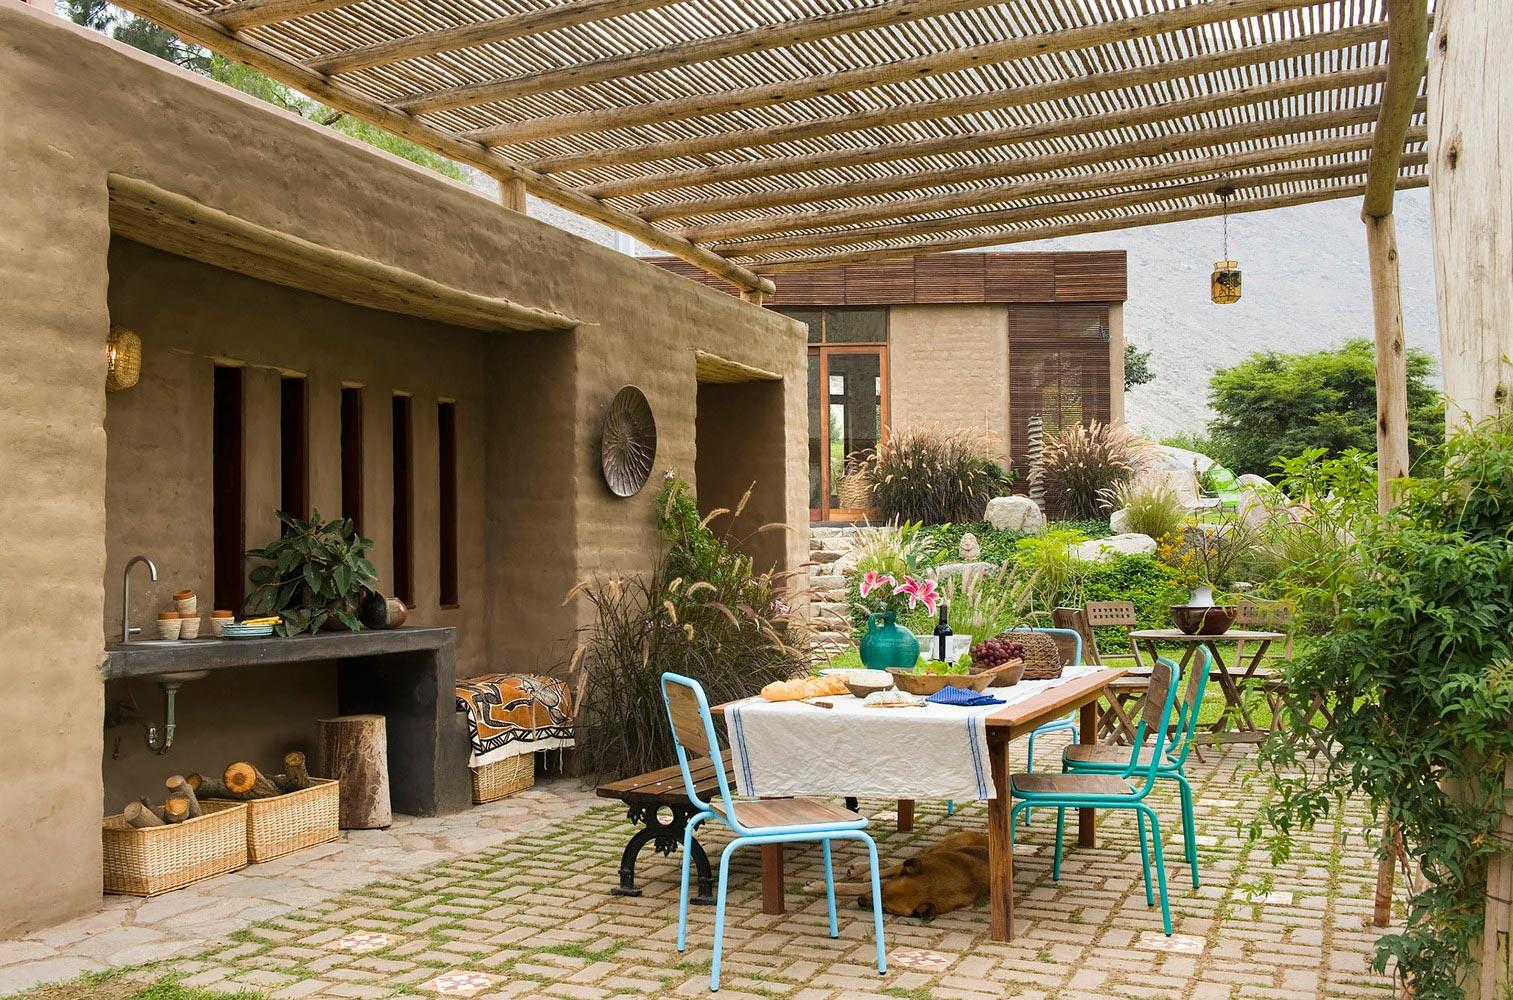 Beautiful porch made of natural materials